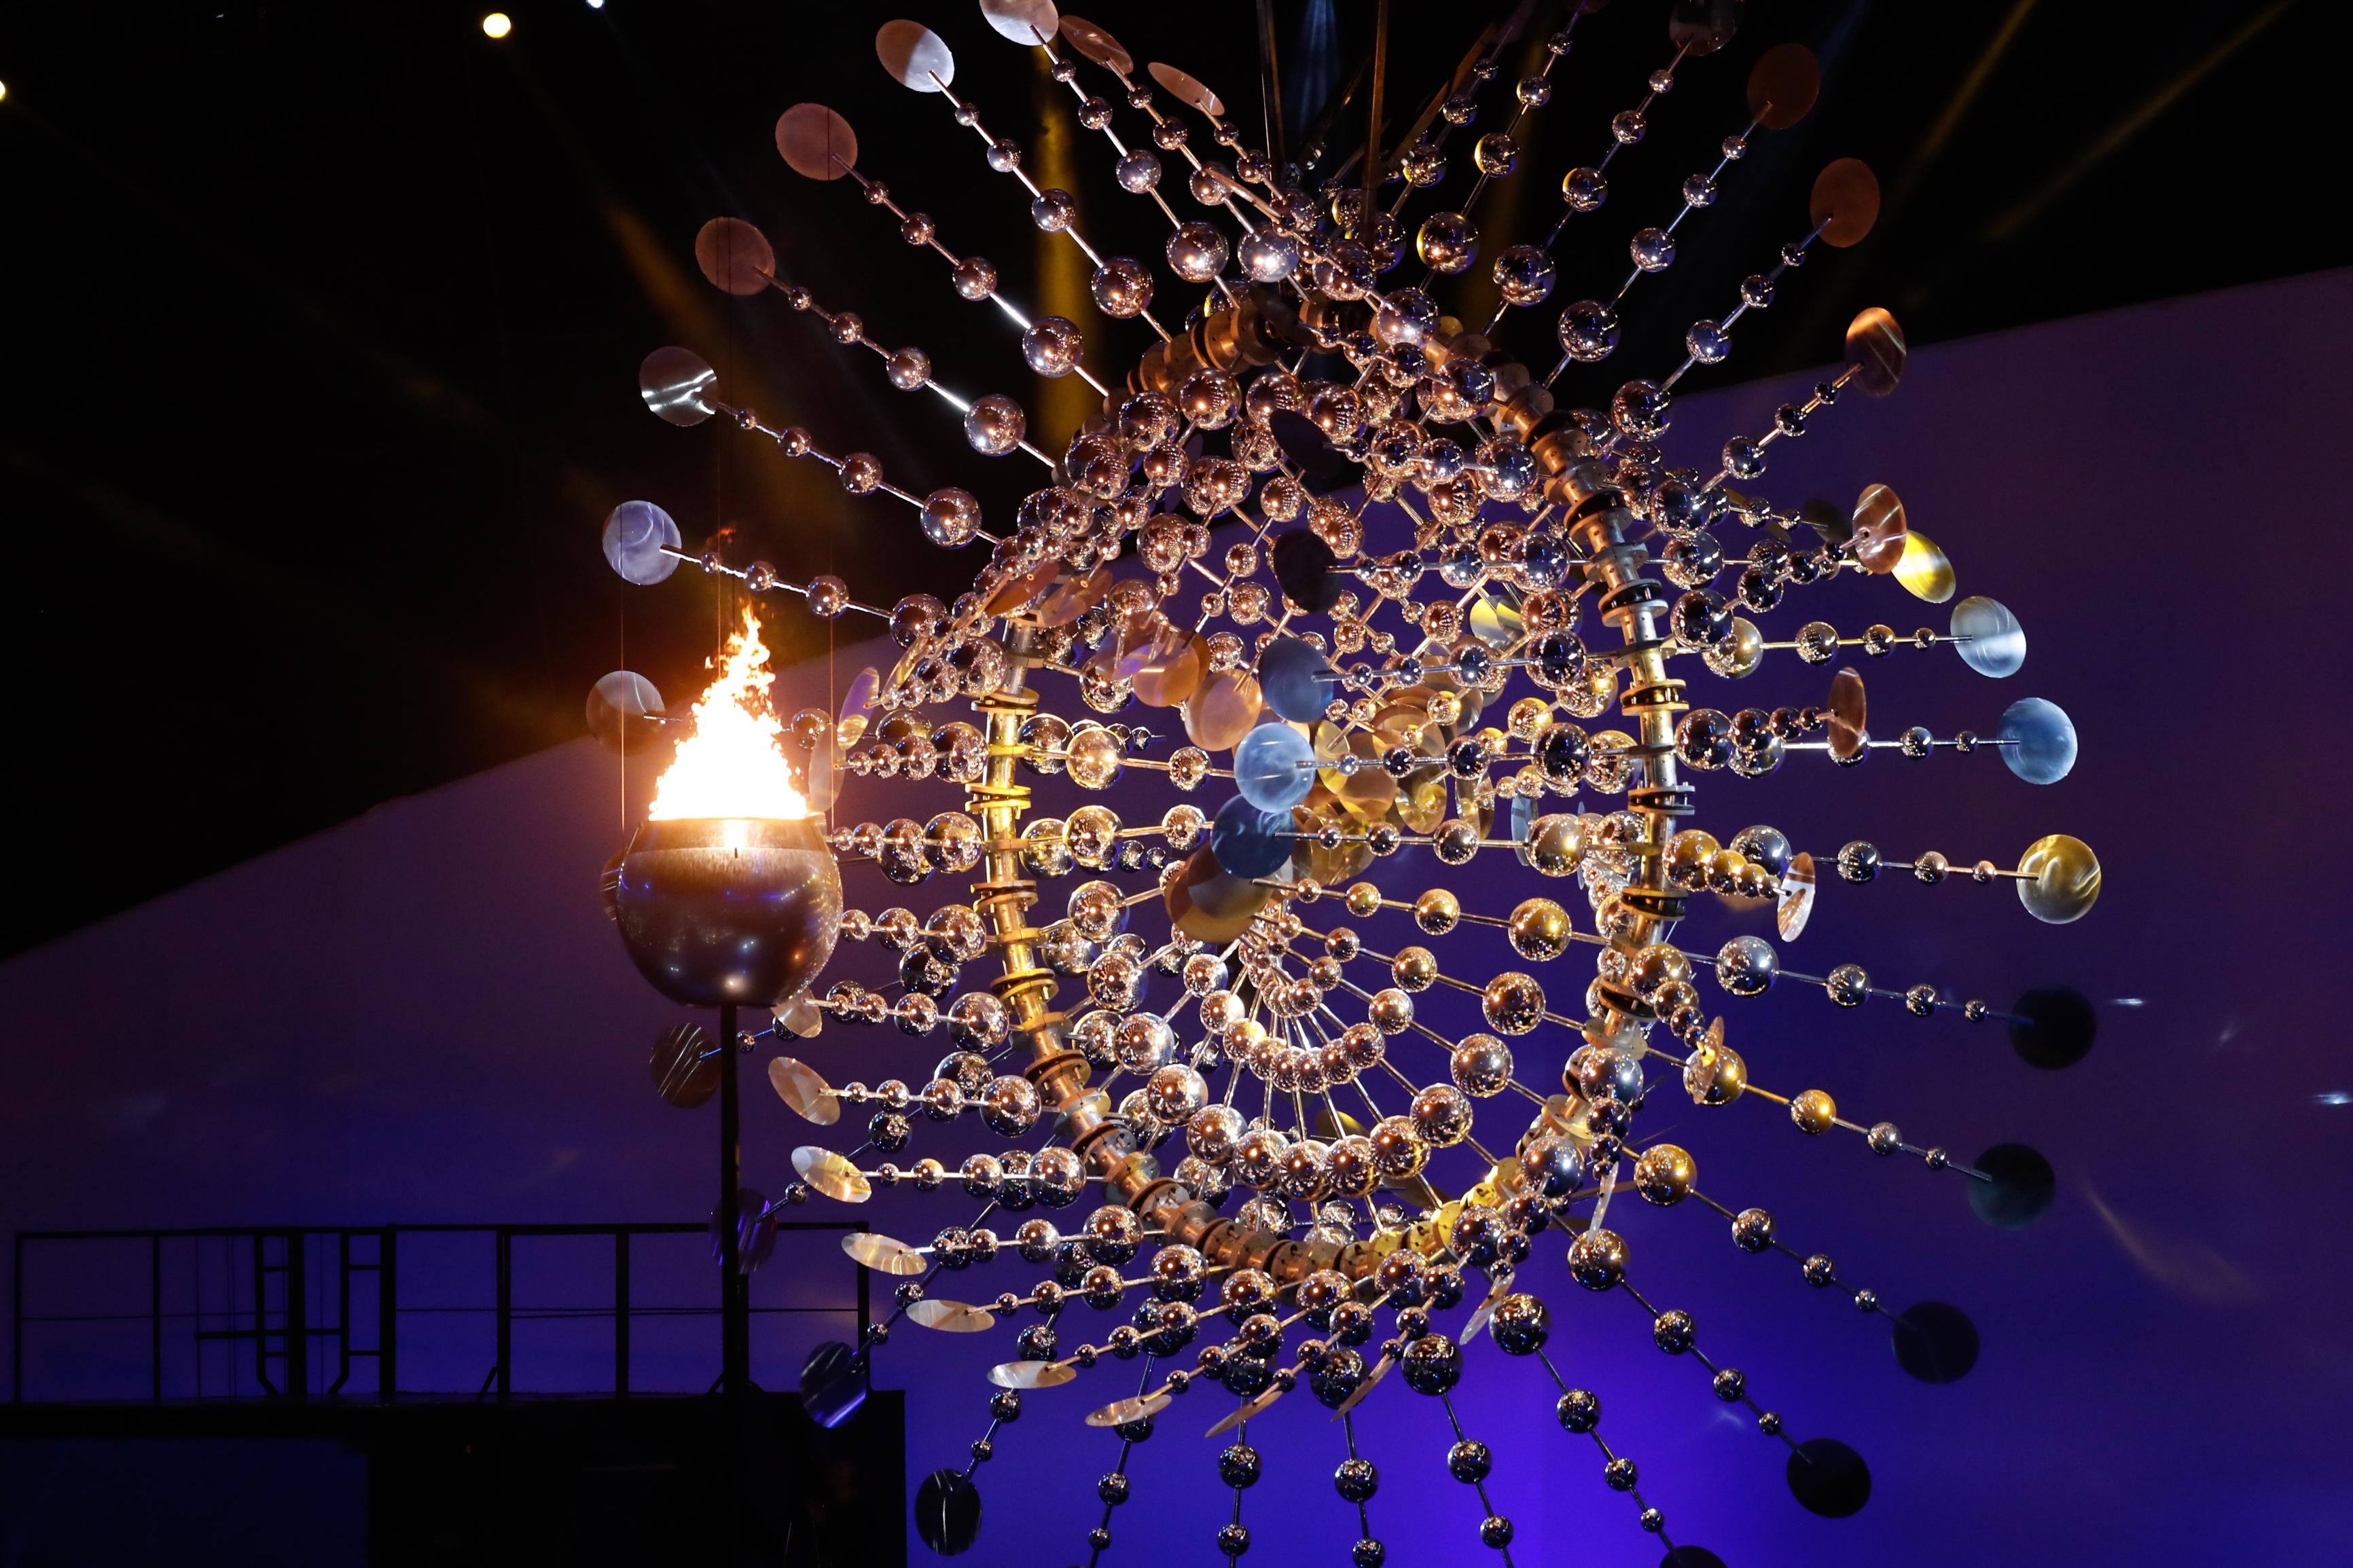 2016 Summer Olympics  Wikimedia Commons